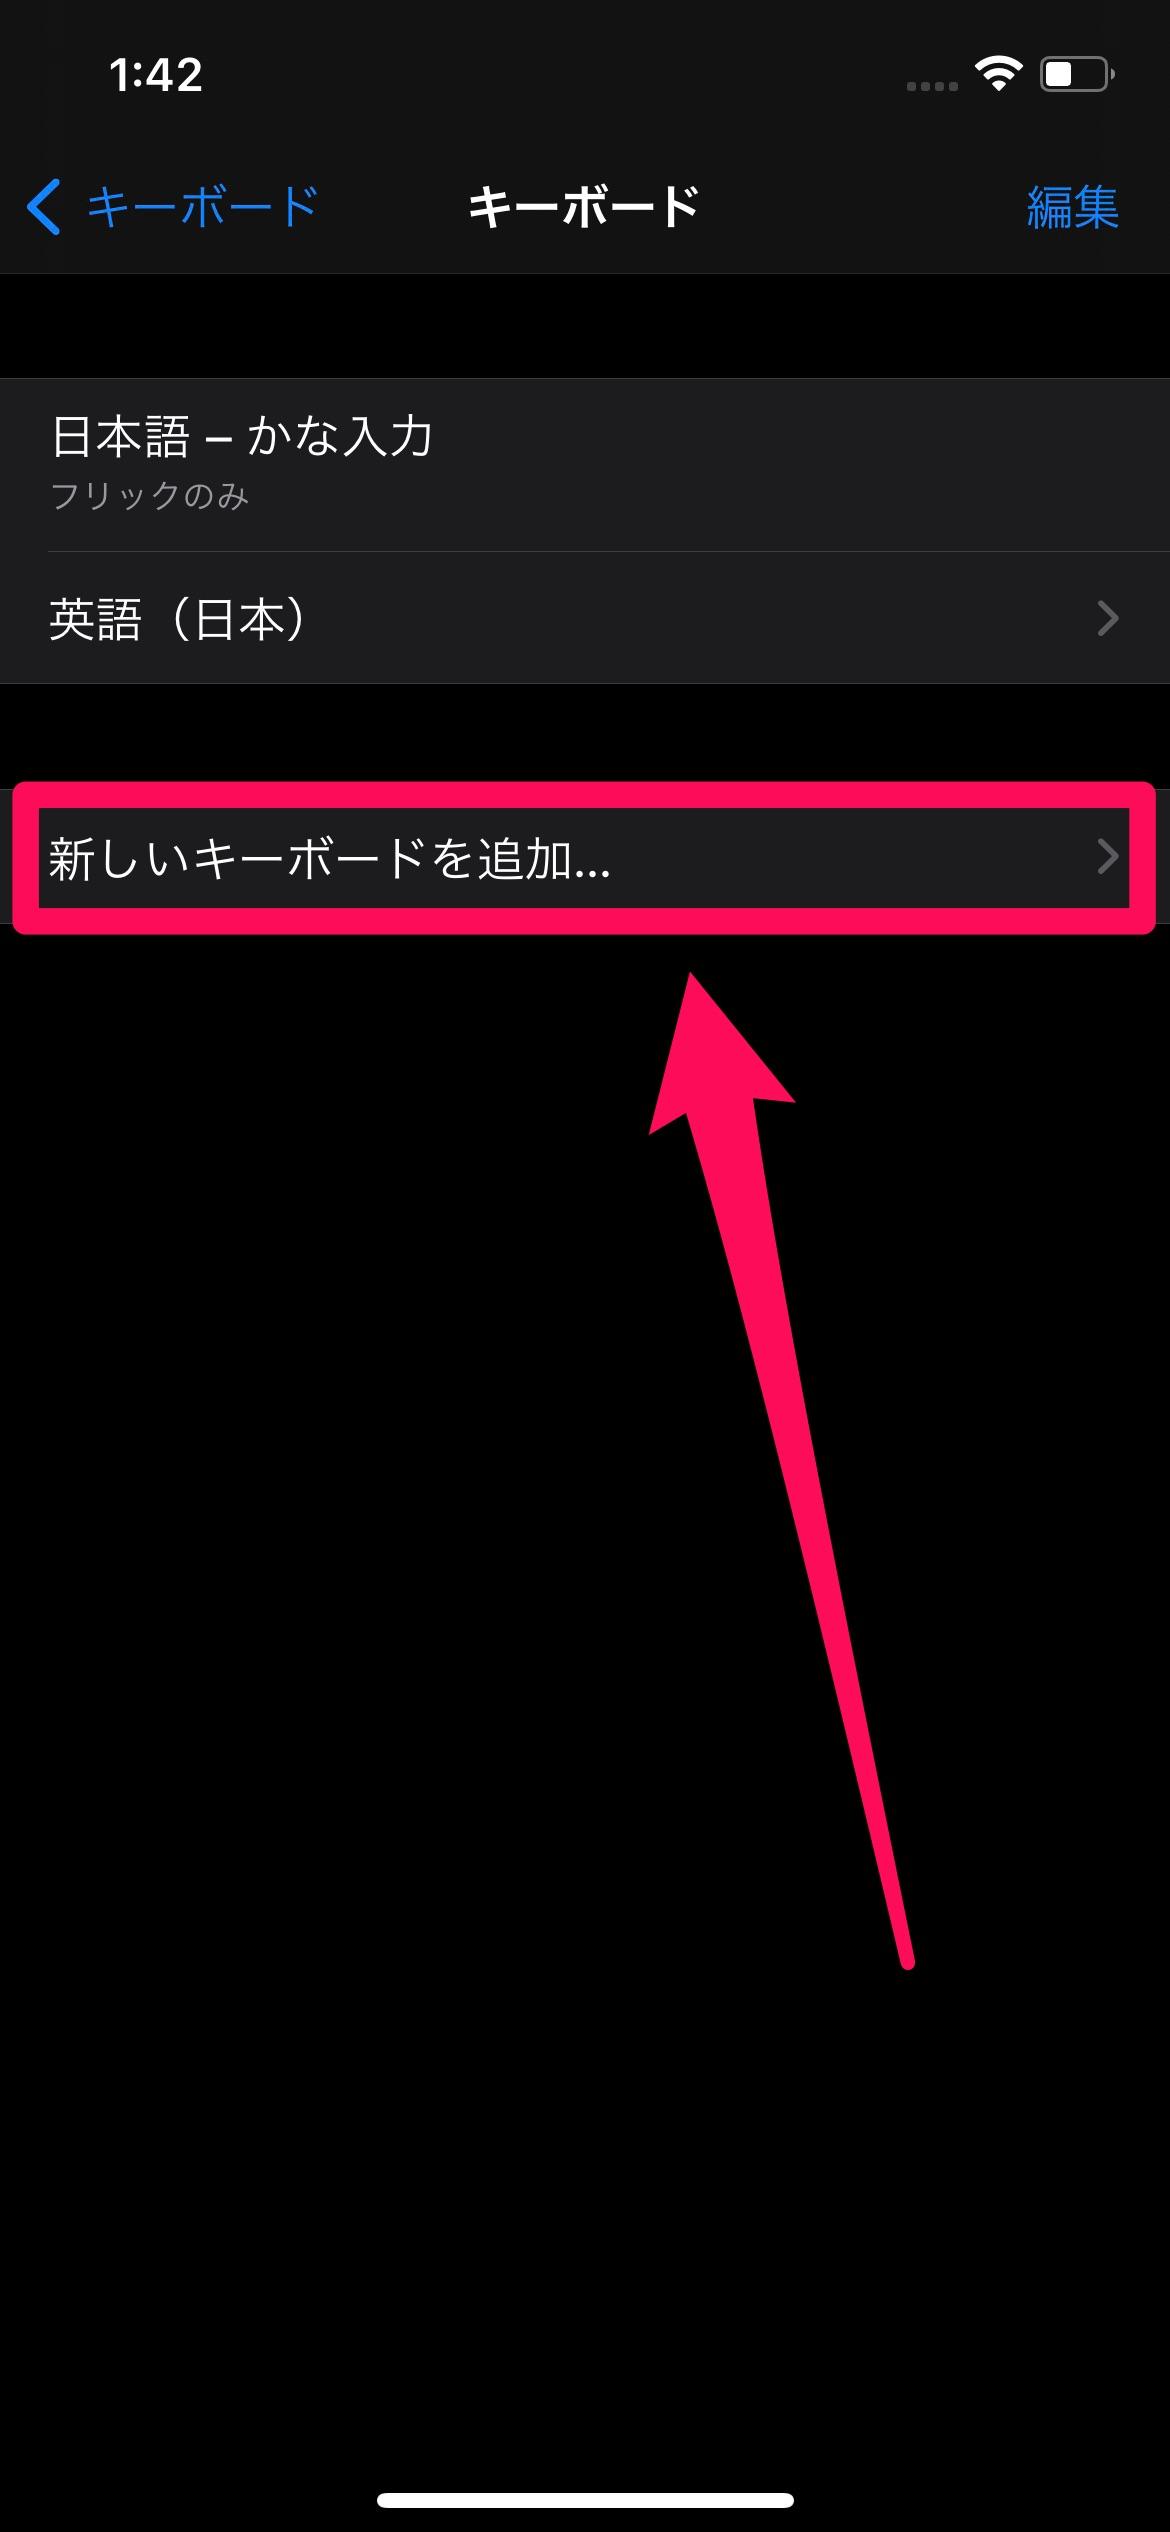 iPhone文字入力24